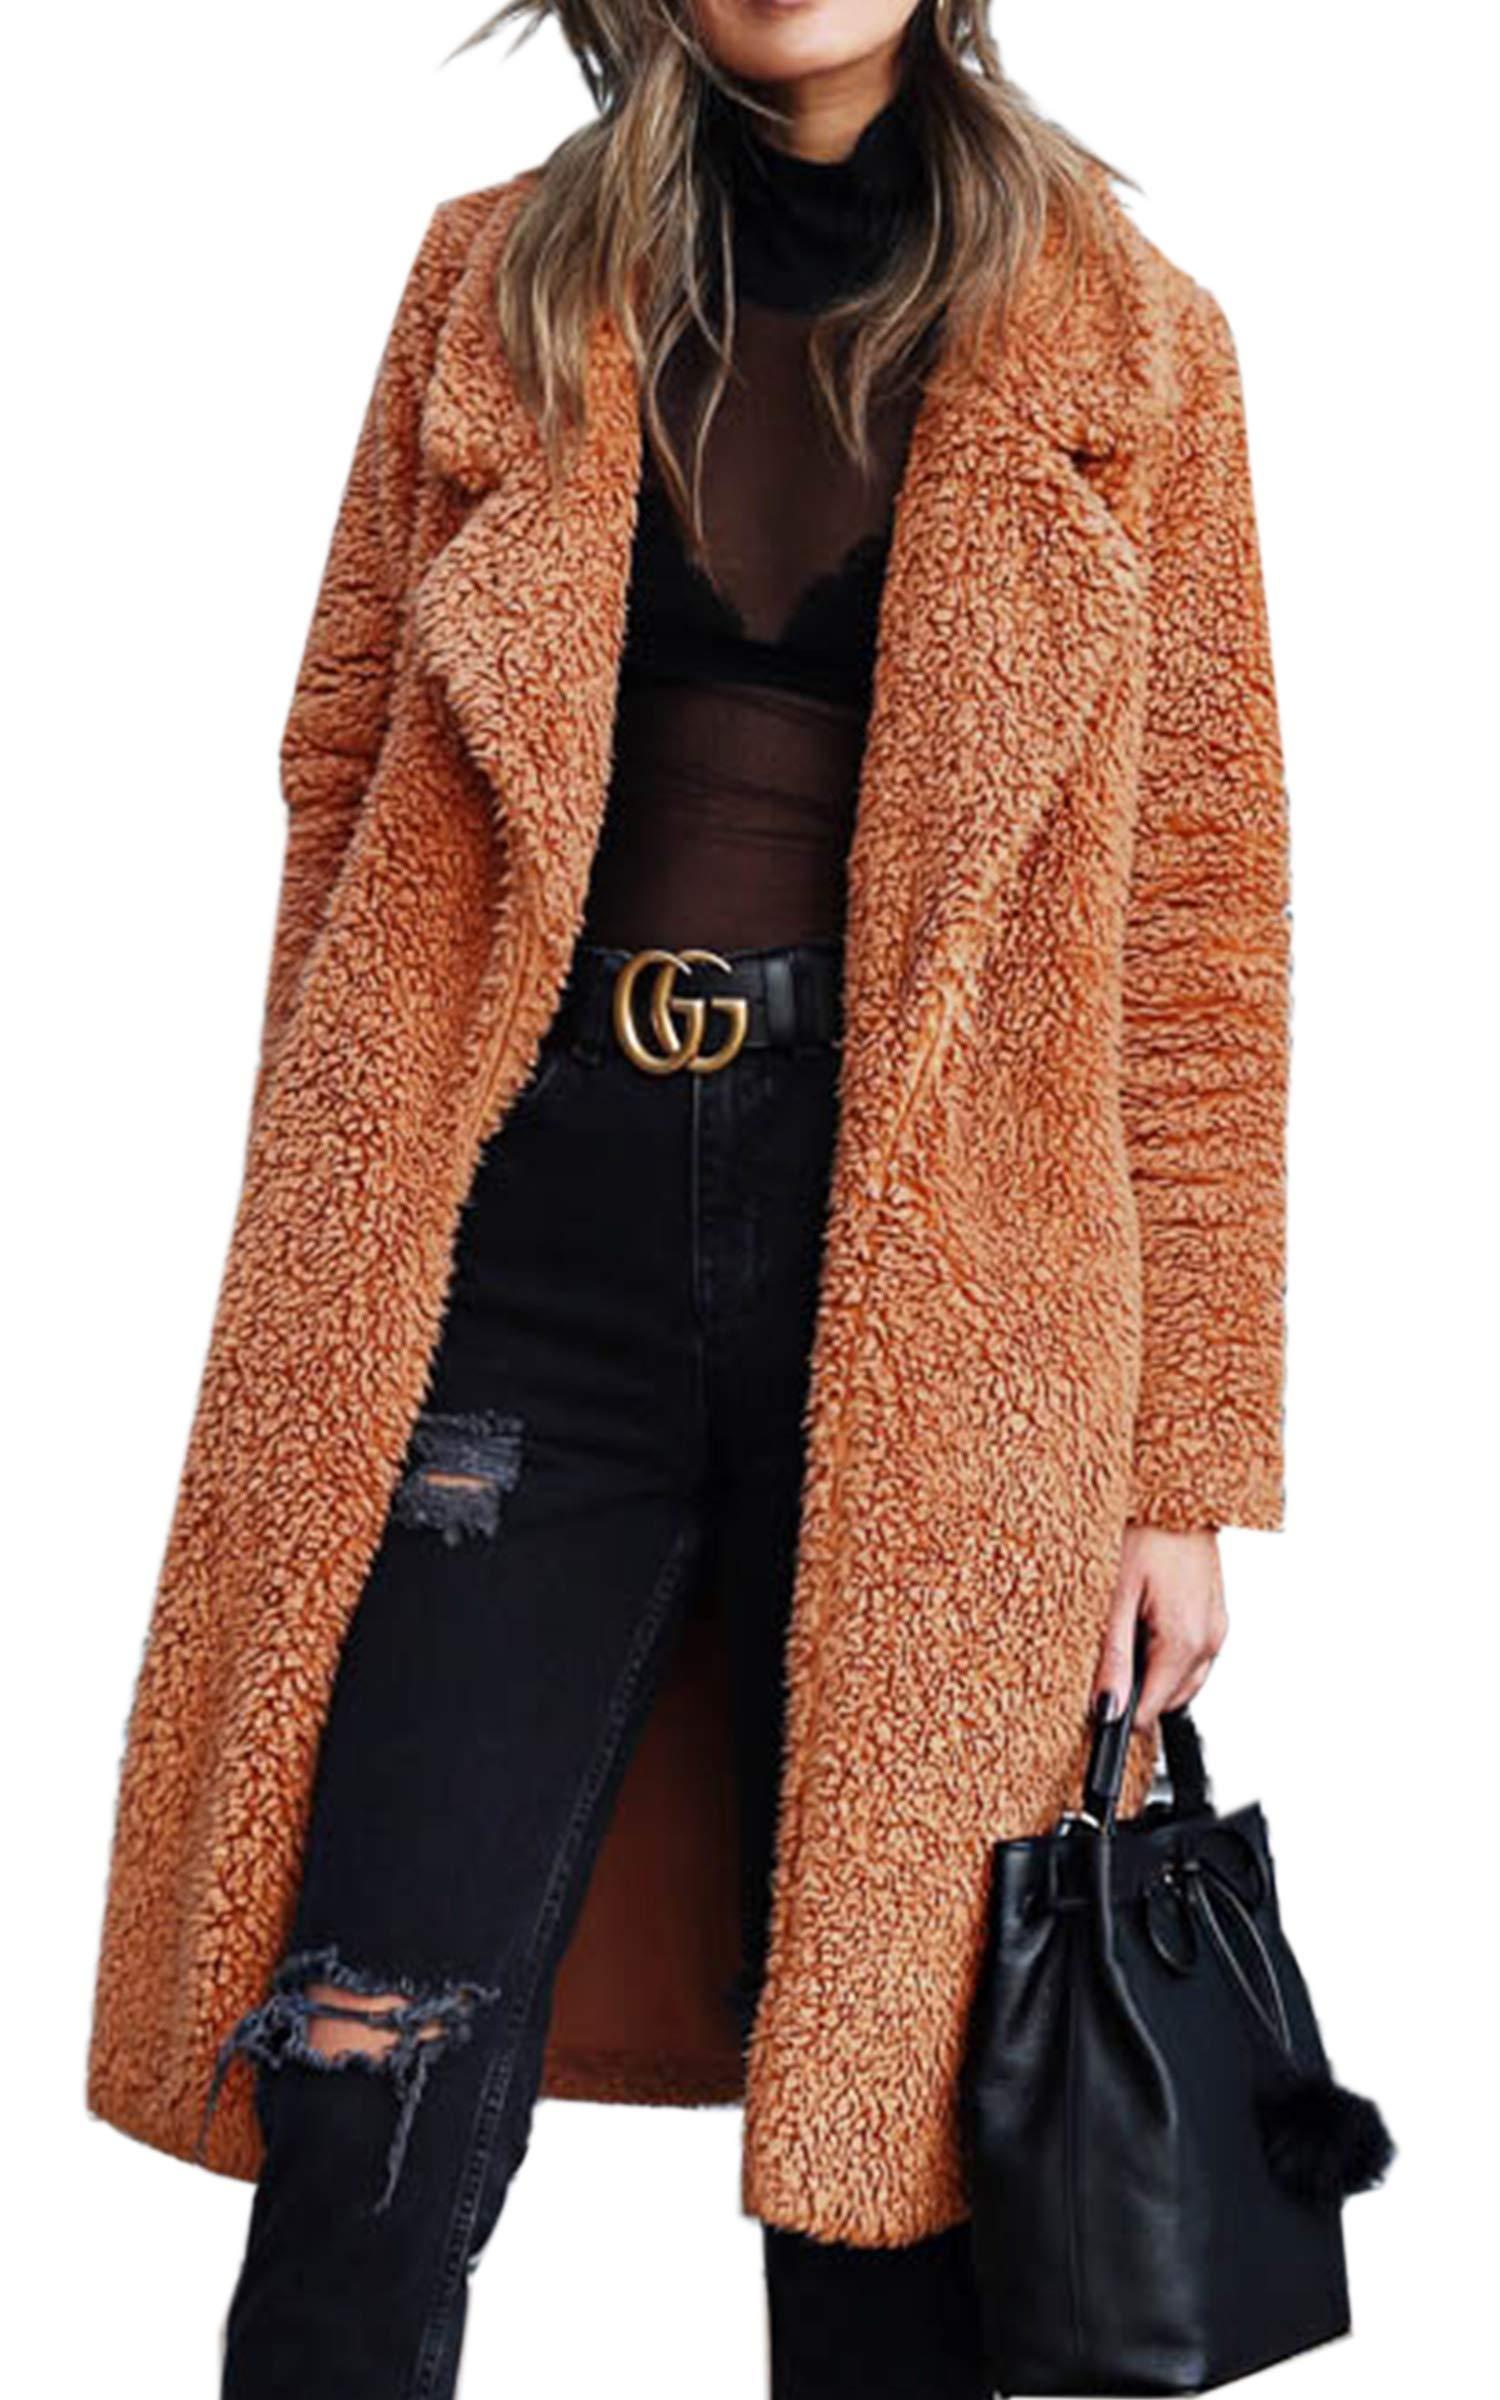 Angashion Women's Fuzzy Fleece Lapel Open Front Long Cardigan Coat Faux Fur Warm Winter Outwear Jackets with Pockets Caramel 3XL